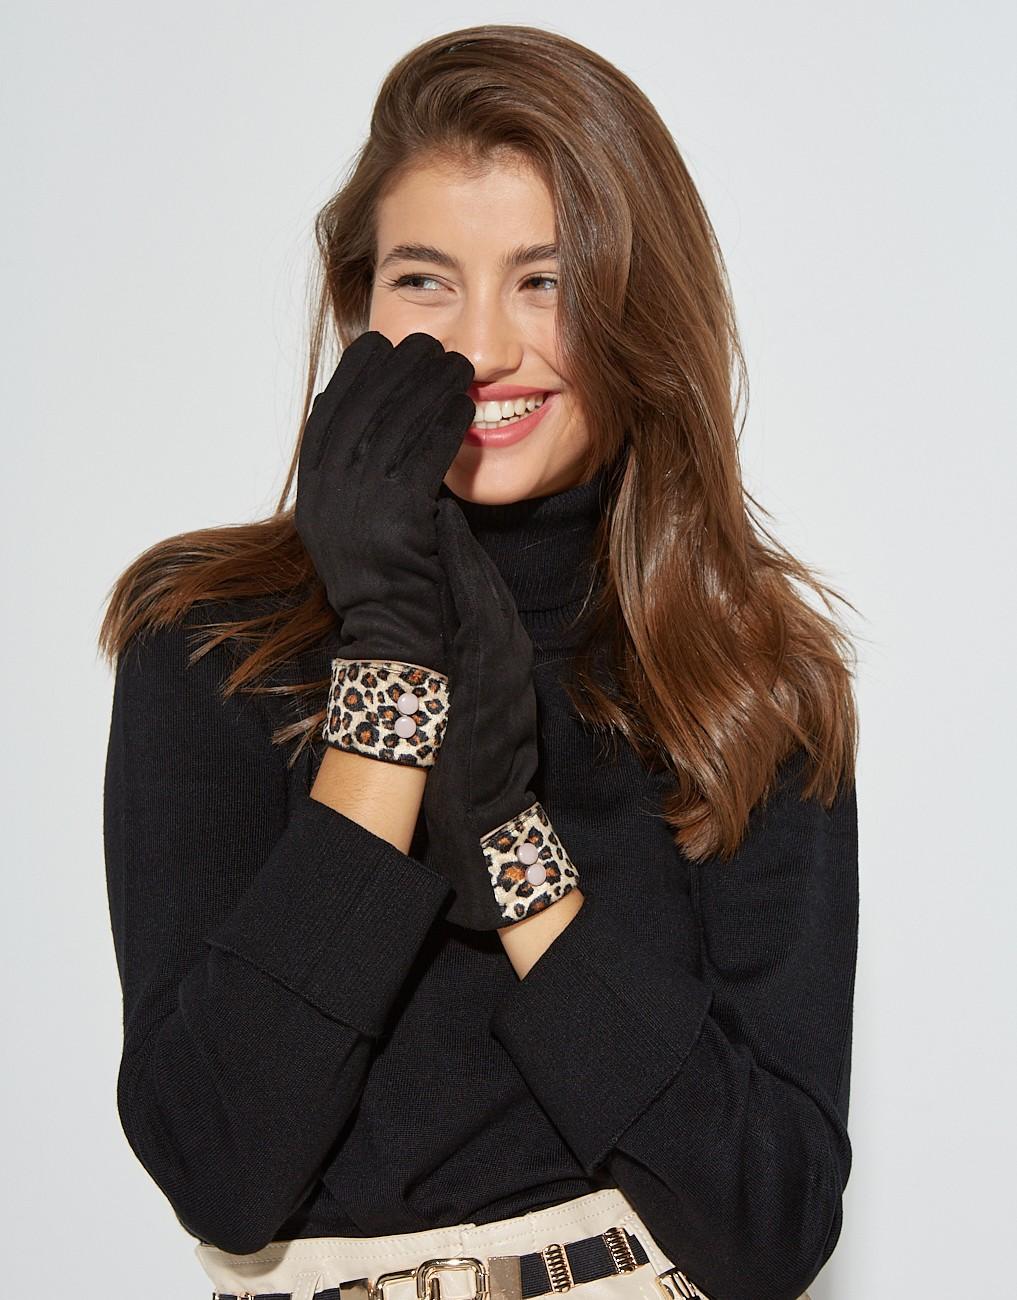 Αnimal print gloves